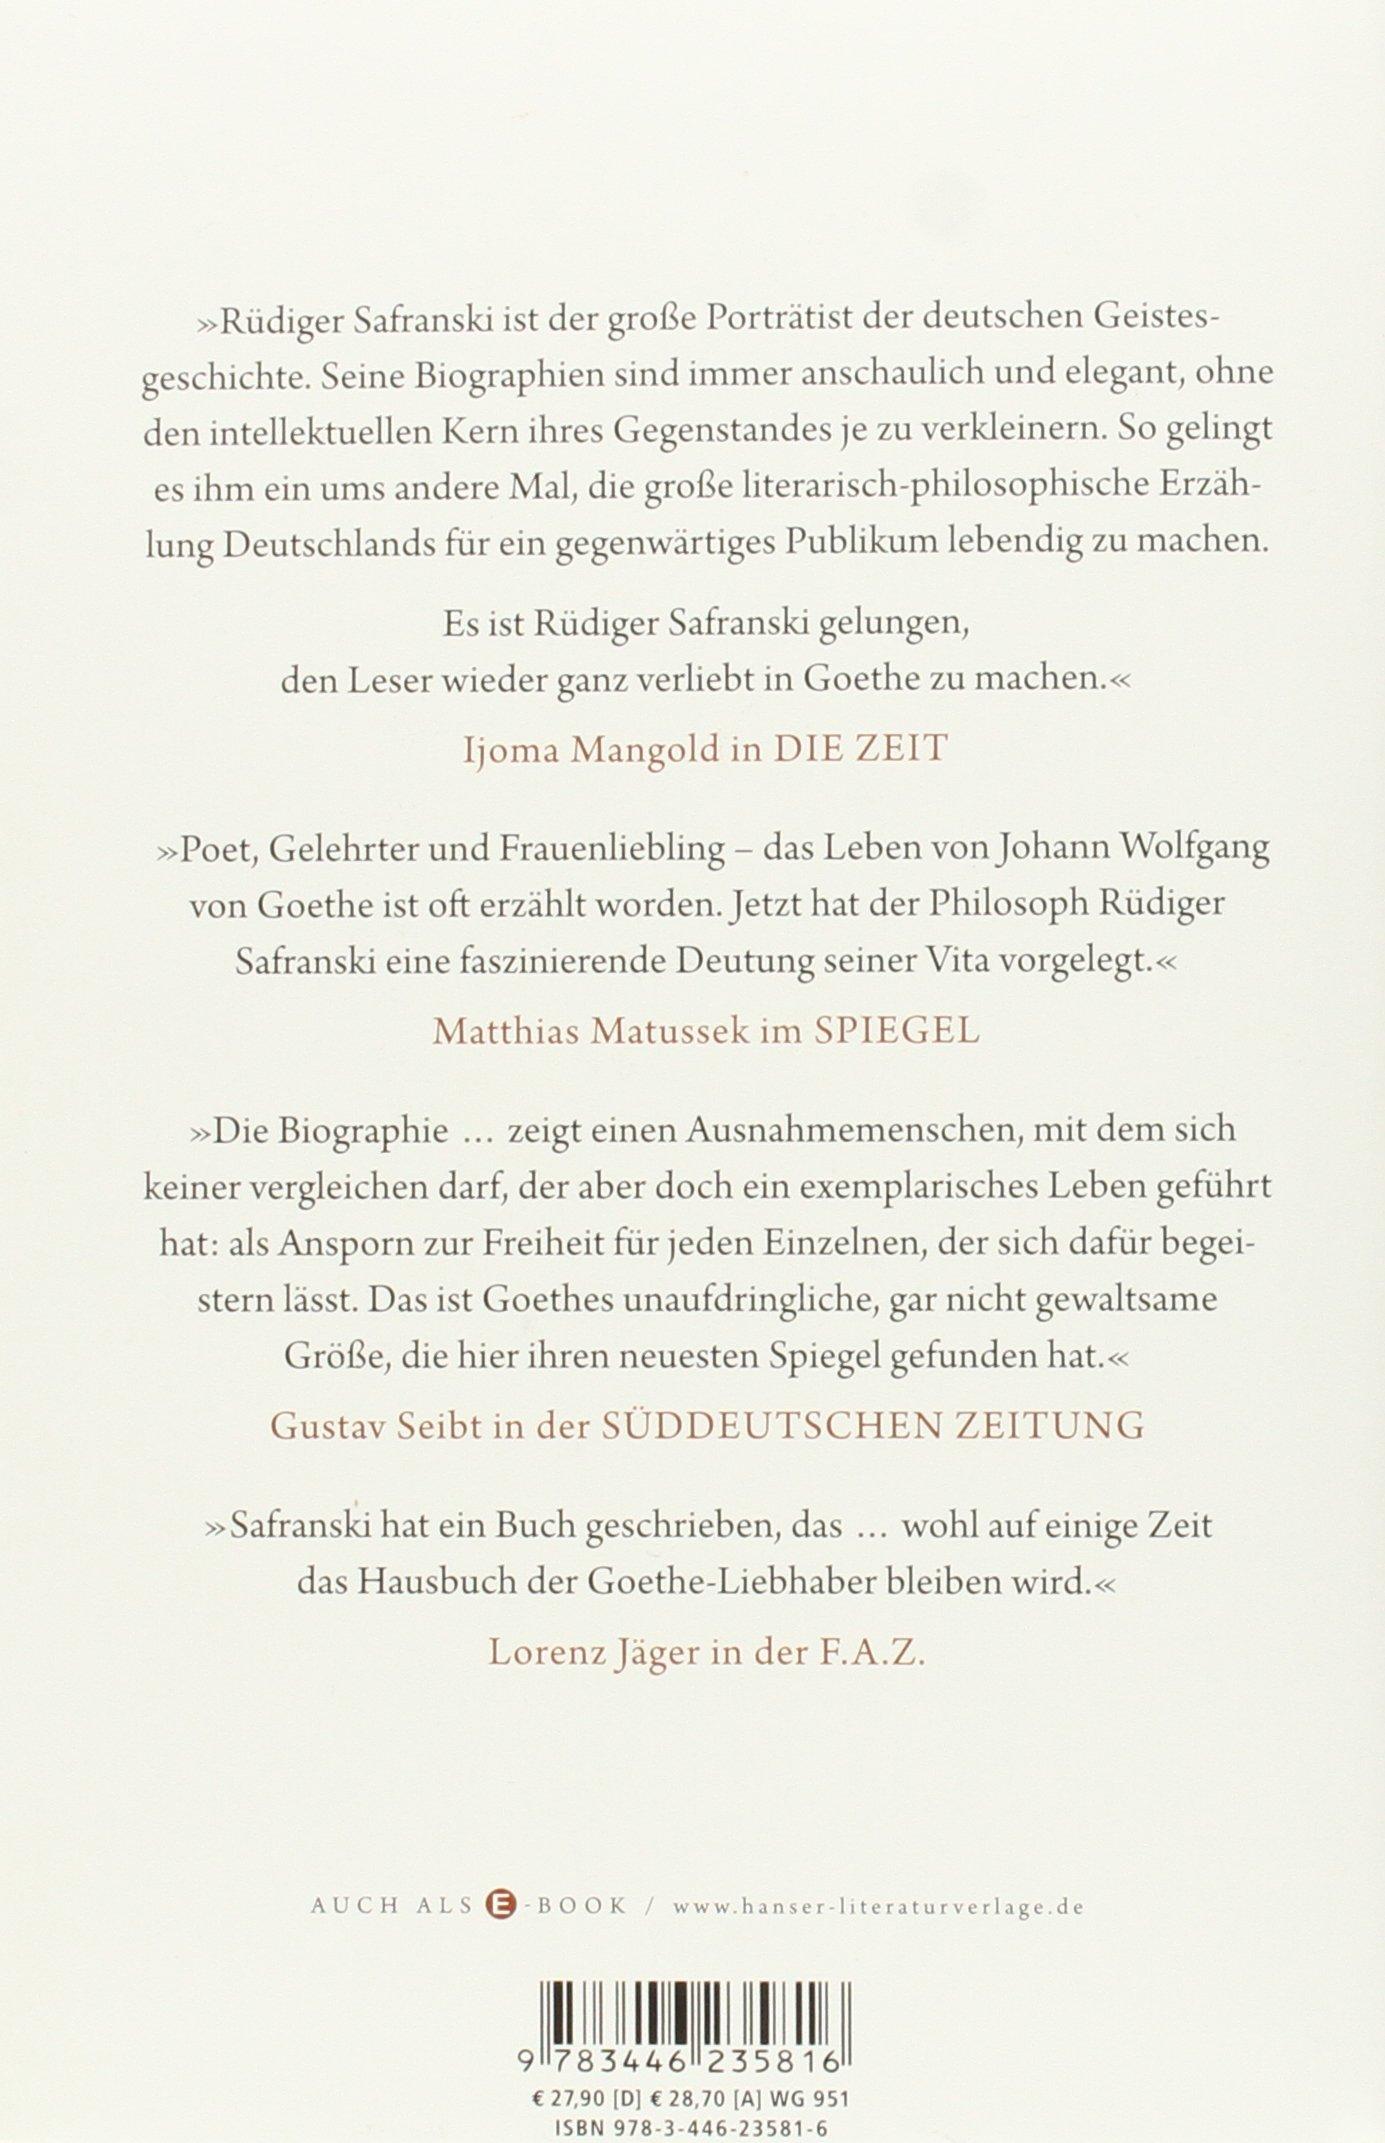 Goethe kunstwerk des lebens rdiger safranski goethe kunstwerk des lebens rdiger safranski books